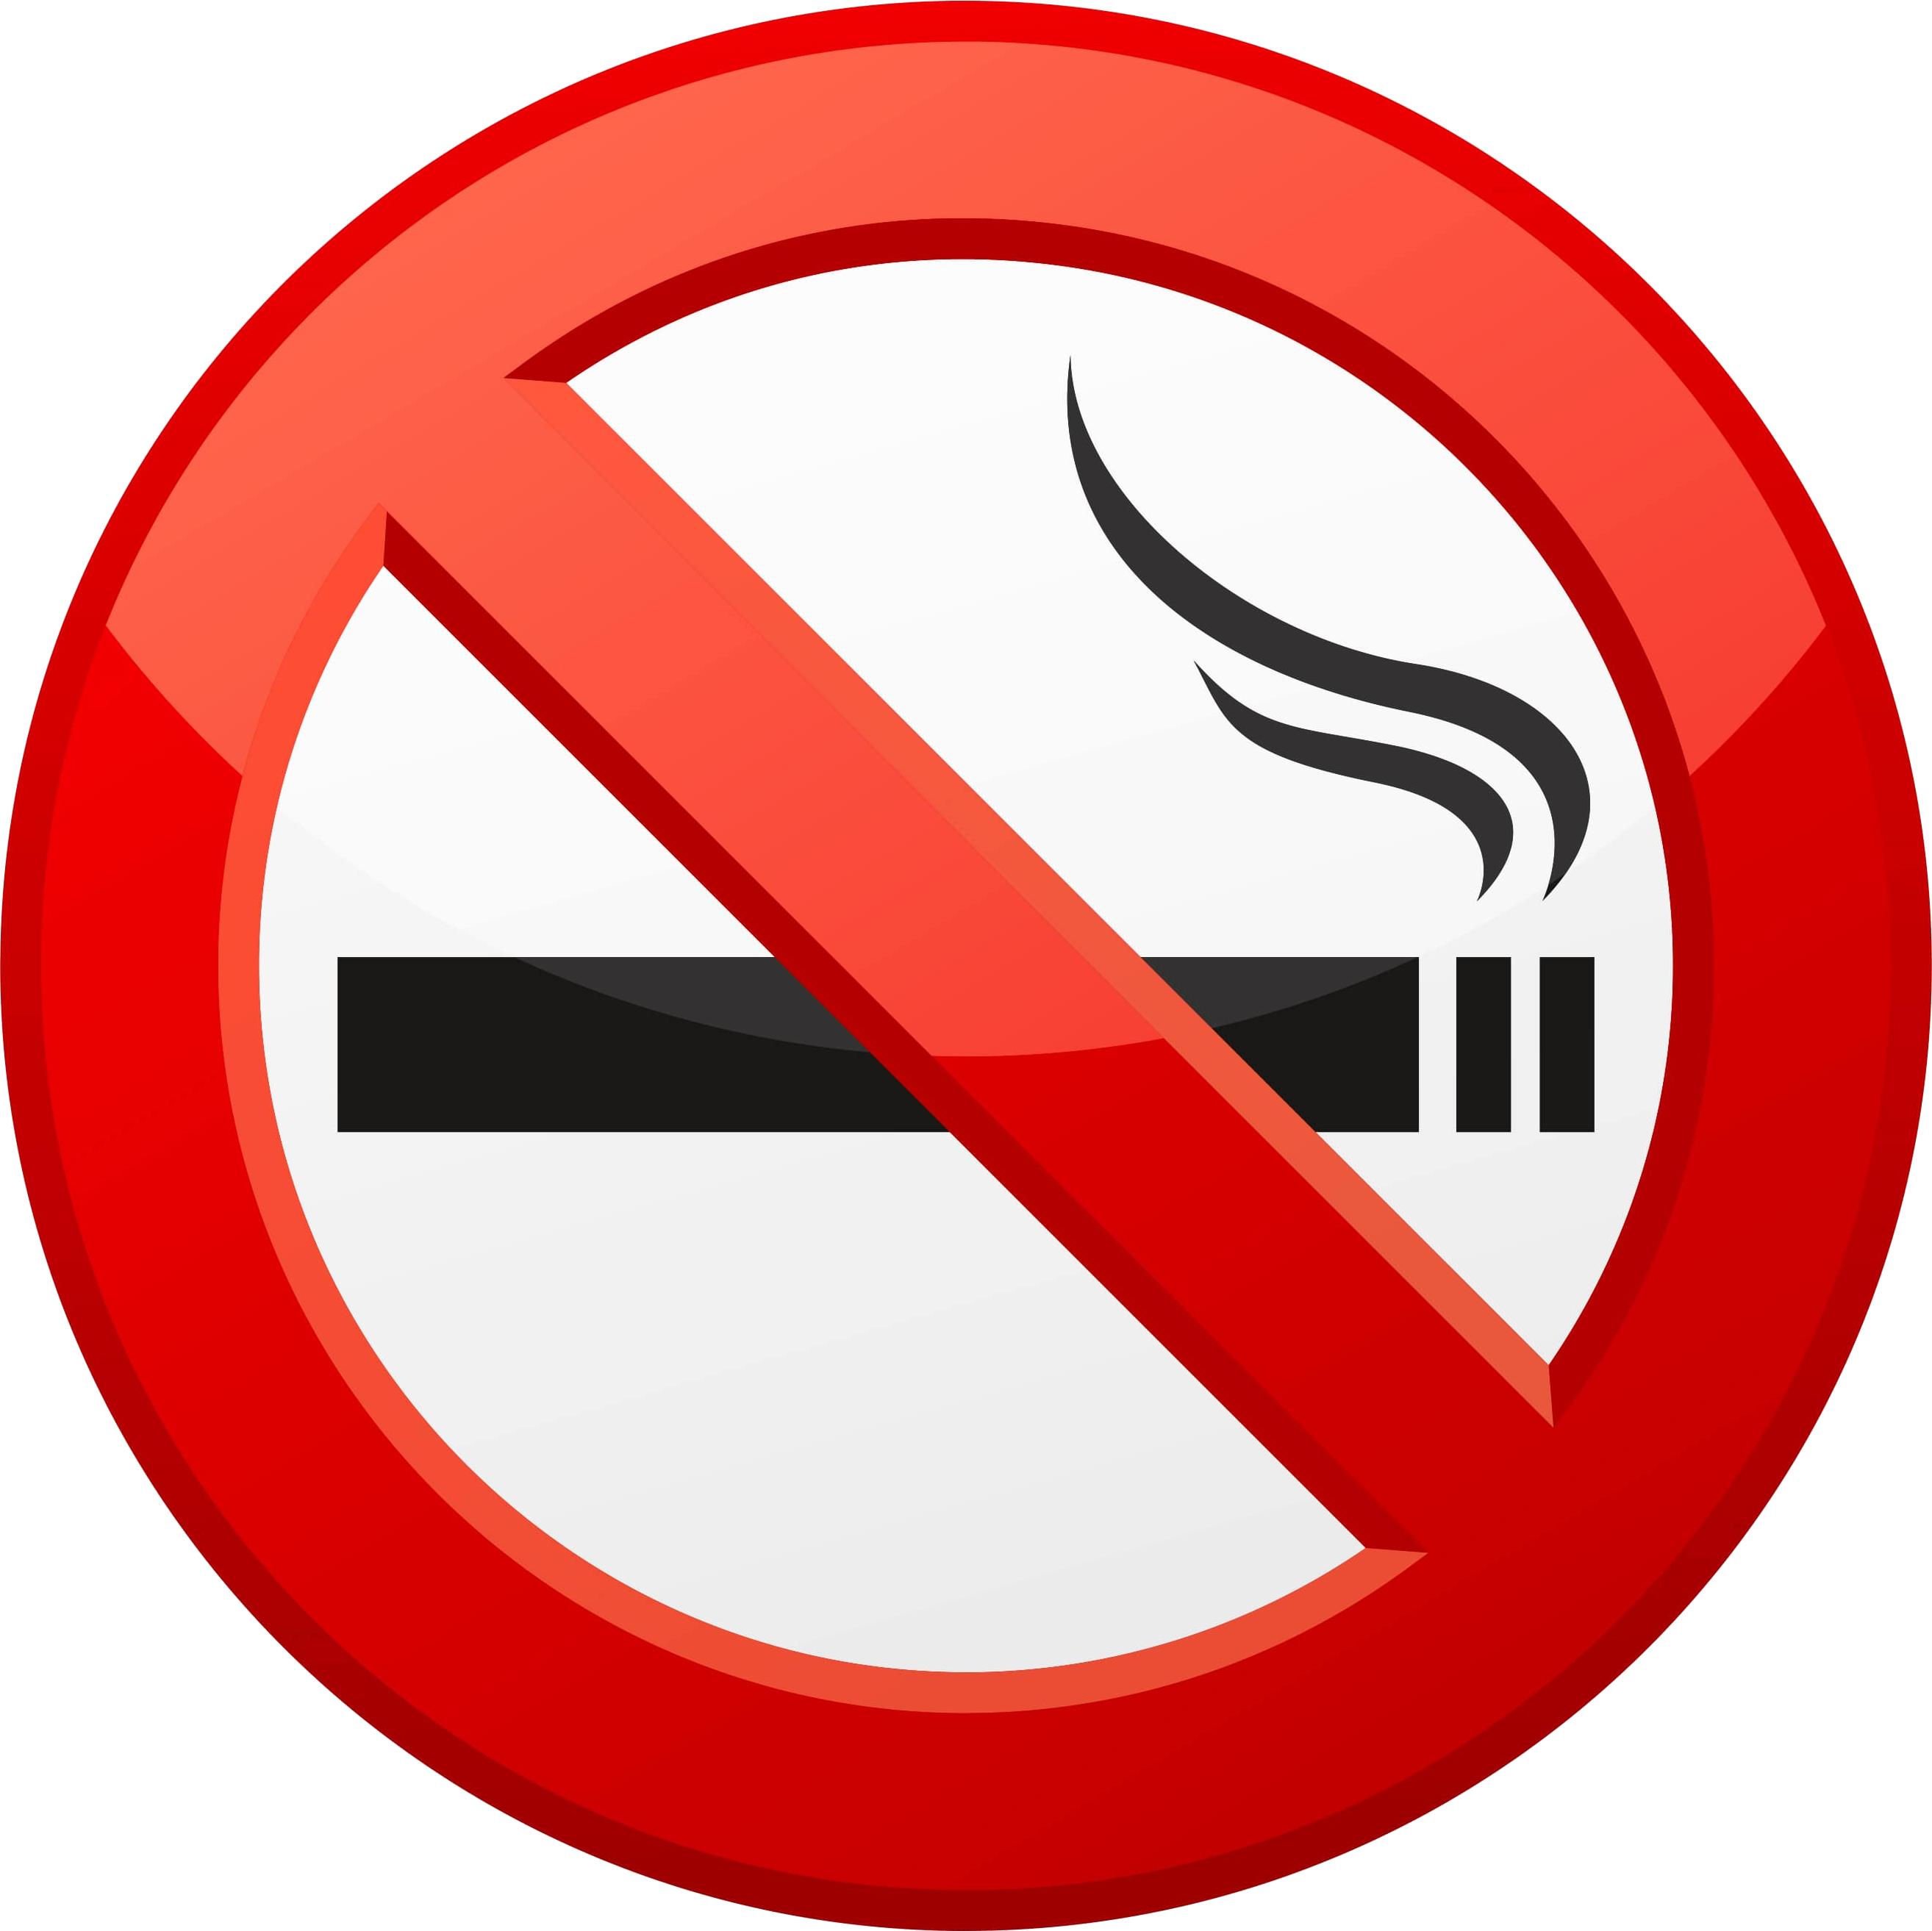 No smoking PNG images free download.